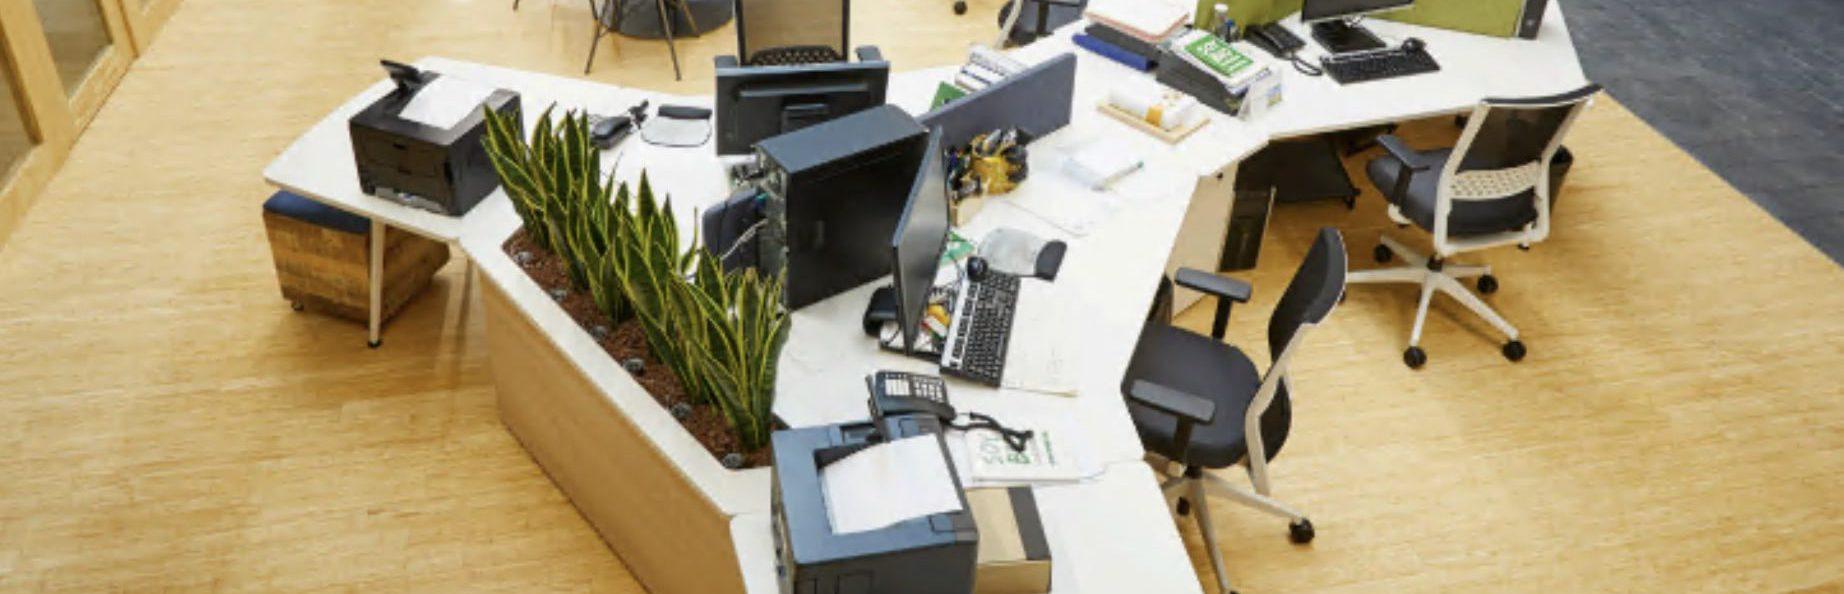 oficina con sillas de despacho